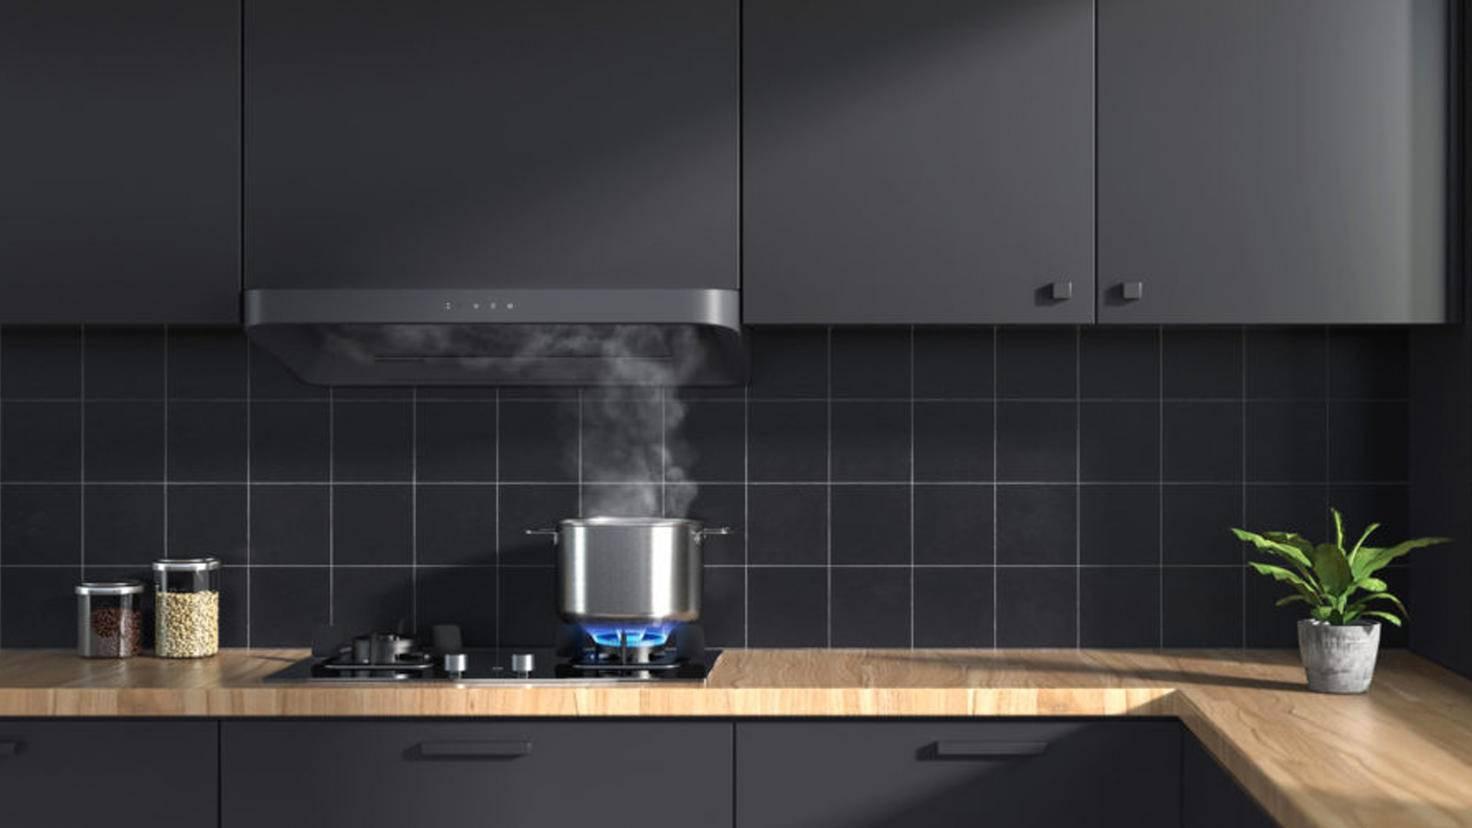 Mi Smart Kitchen Exhaust Hood and Stove Top Set-Dunstabzugshaube Herd-Xiaomi